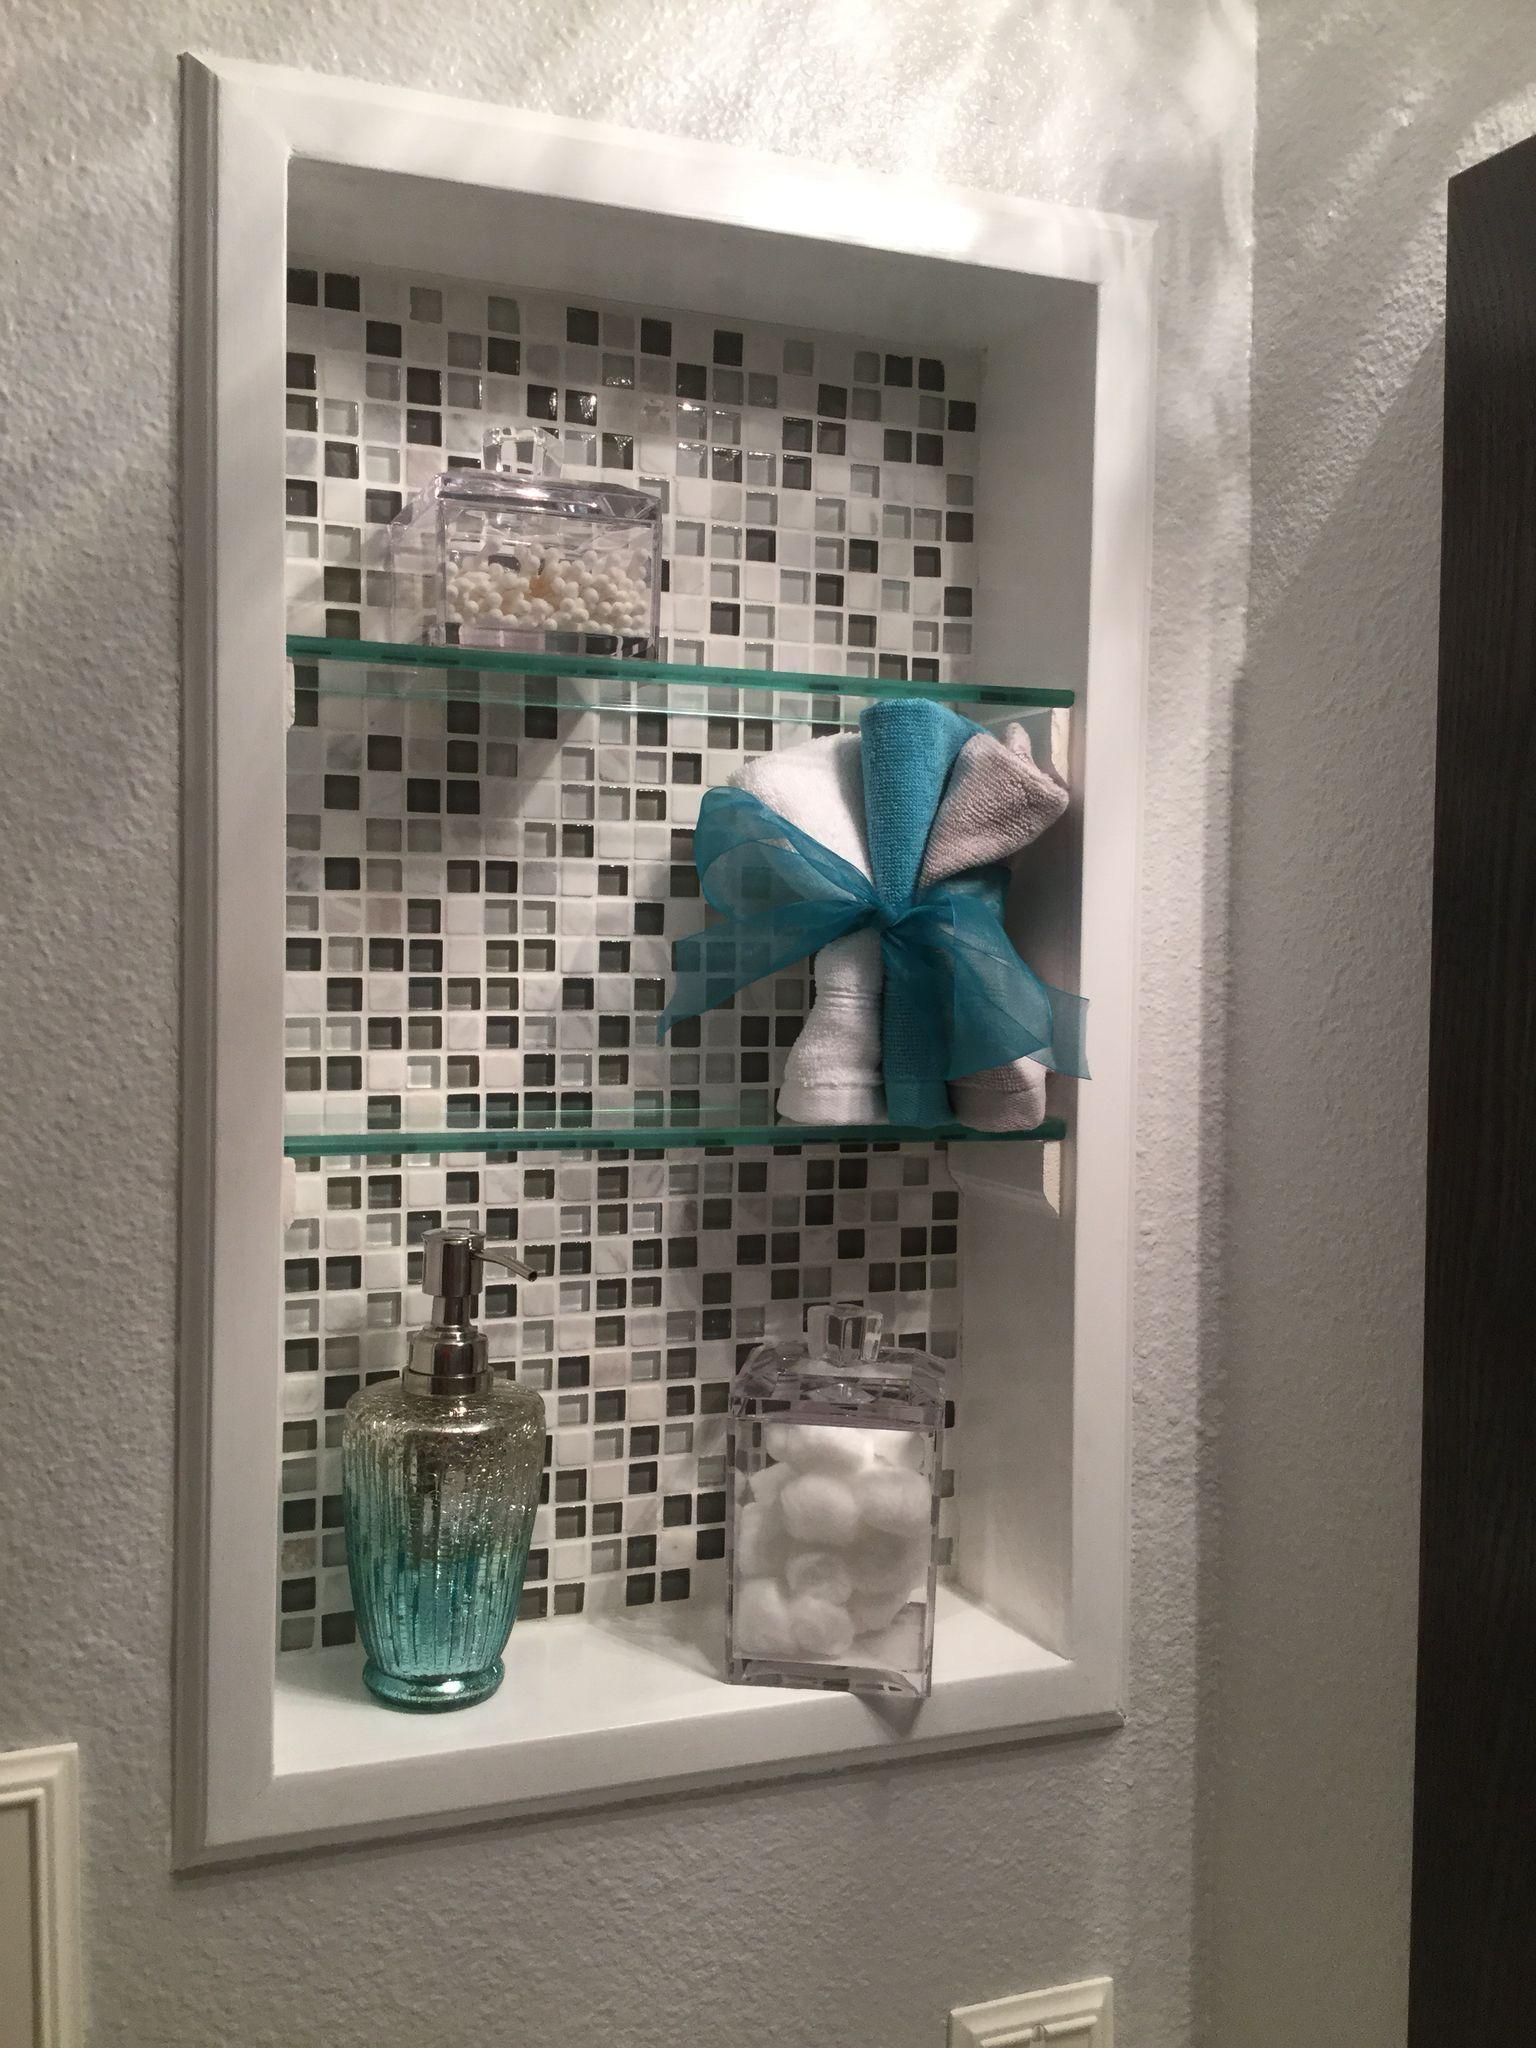 Der Medizinschrank Im Badezimmer Wurde Zur Nische Einfache Diy In 2020 Diy Shelves Bathroom Diy Bathroom Remodel Modern Bathroom Decor